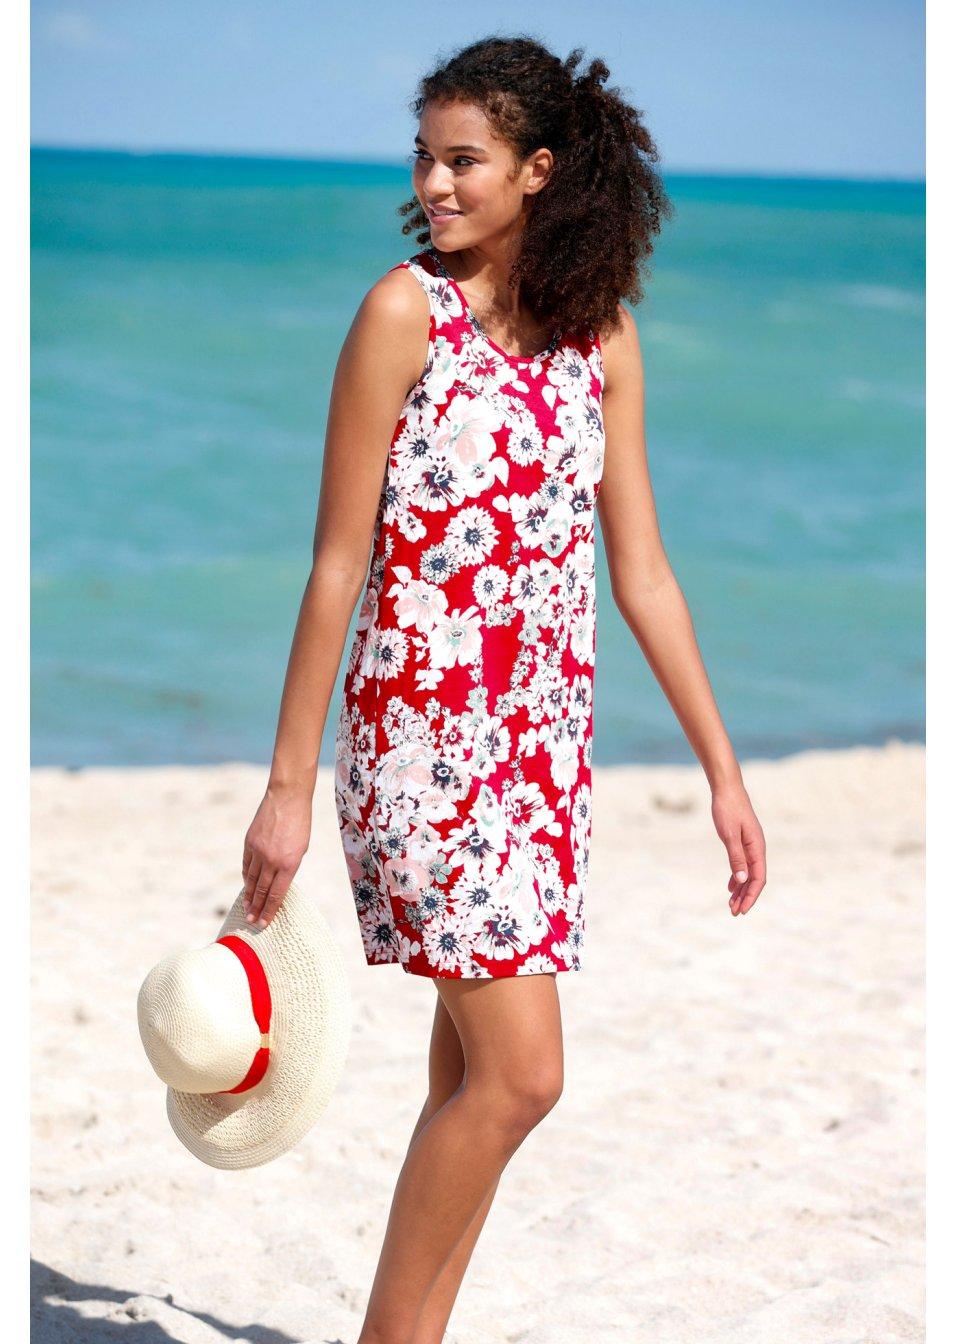 e0e417cd7 Šaty v neuvěřitelném výběru najdete online u bonprix